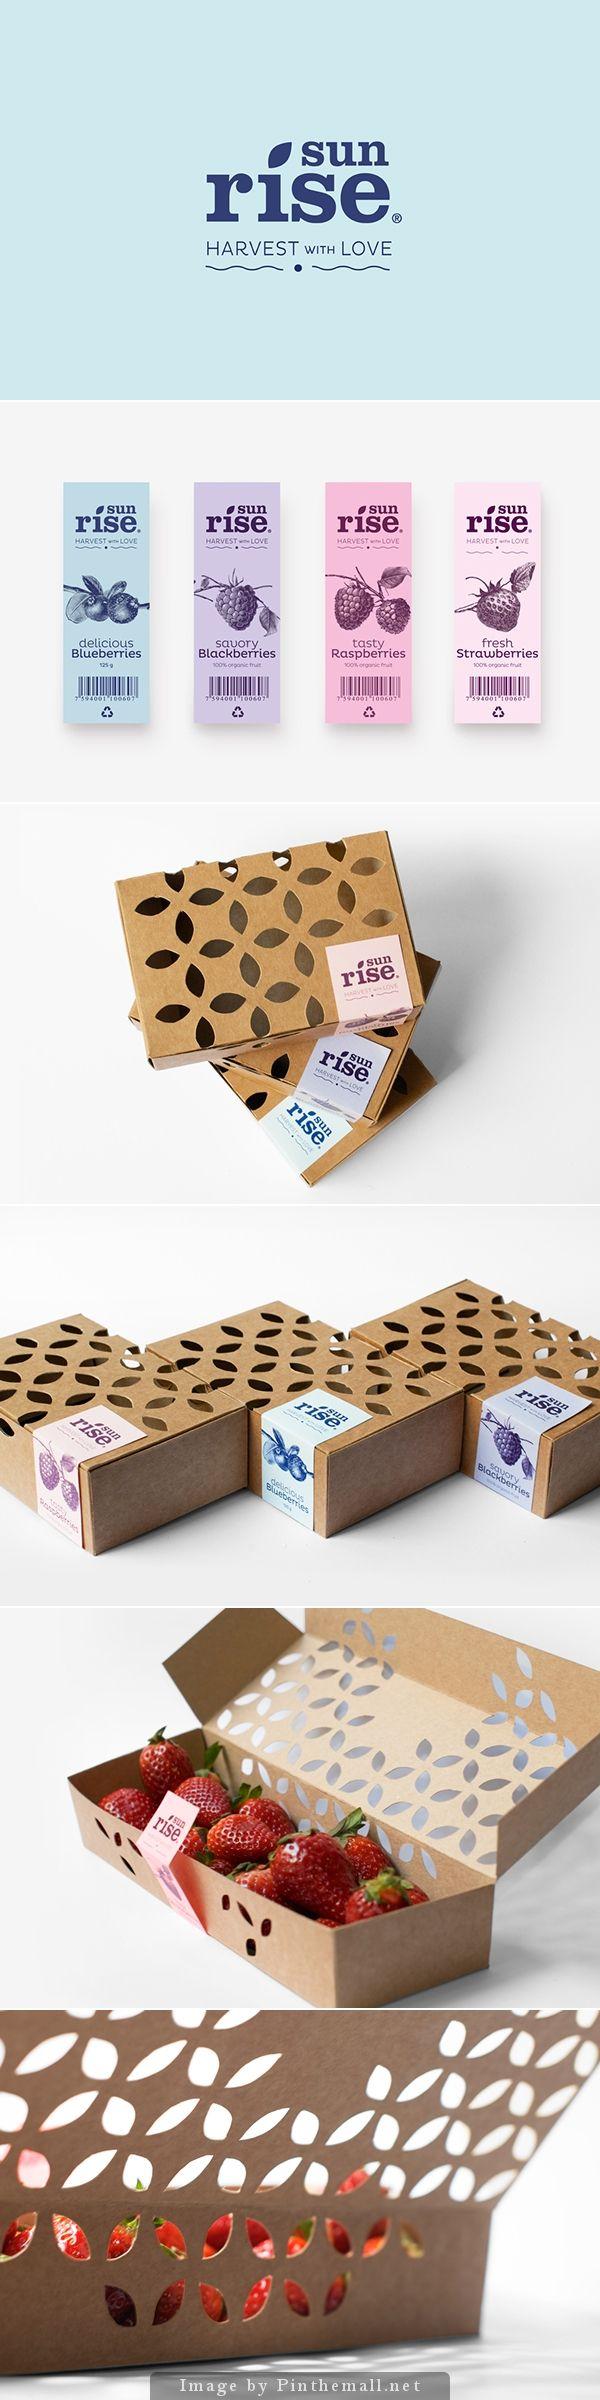 ไอเดียสำหรับการพิมพ์ สติ๊กเกอร์ฉลากสินค้า // สไตล์การออกแบบ ดีไซน์แบบเรียบๆ แต่มีสไตล์ ฉลากไว้ใช้สำหรับ แปะกับกล่องกระดาษ กล่องใส่ผลไม้สด